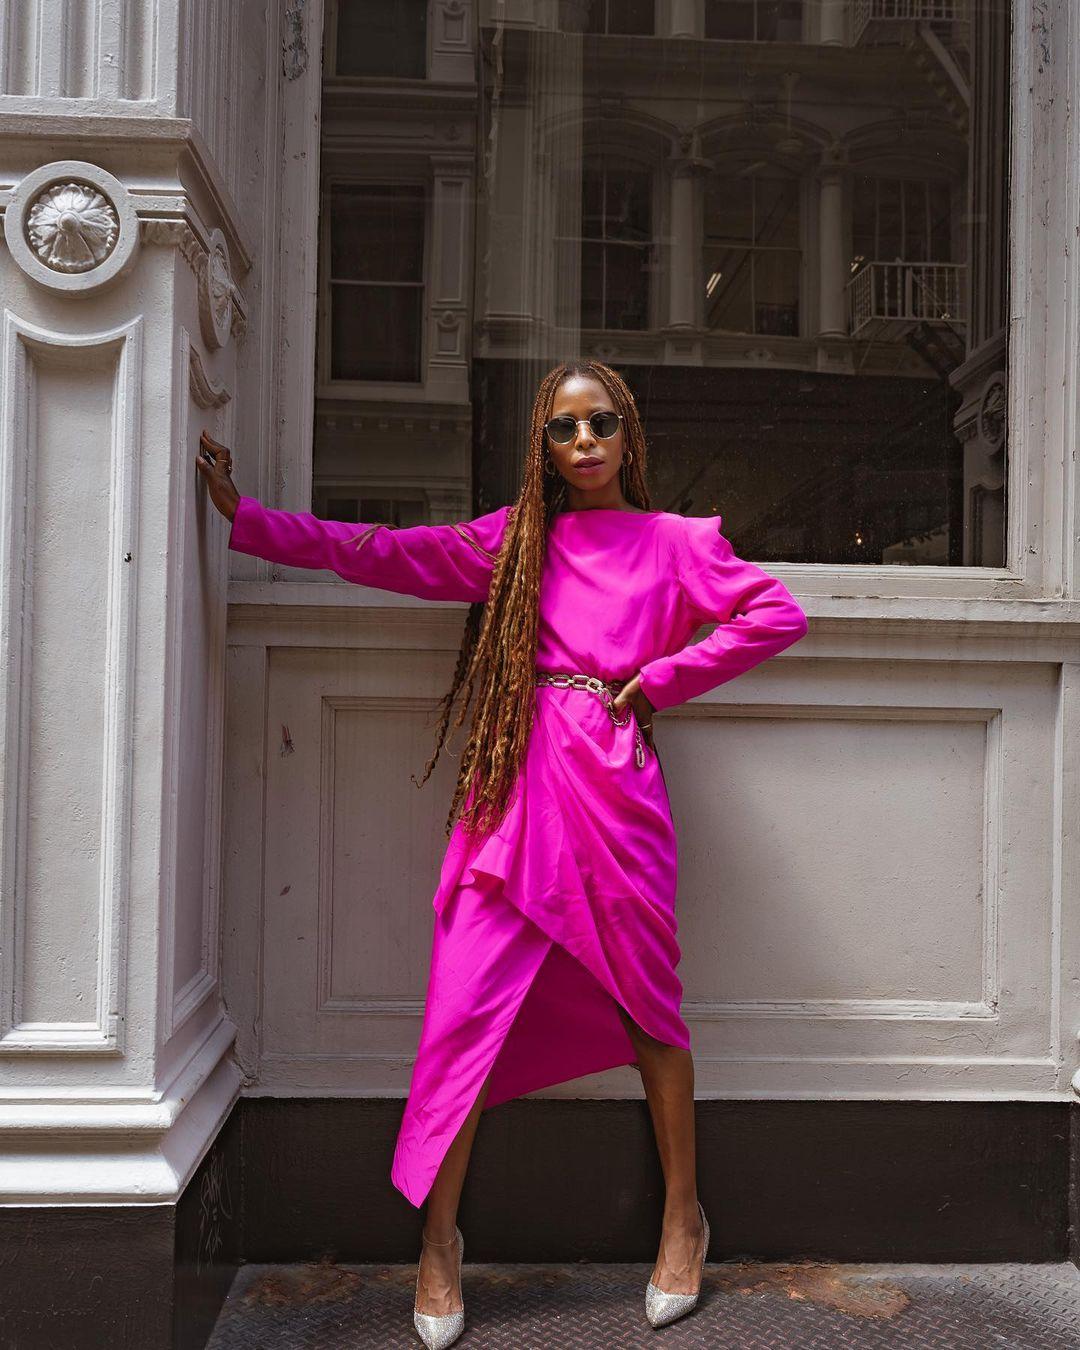 1612584555 673 echa un vistazo a las opciones para comprar y 30 - 40 modelos de vestidos rosas para un look que no pasa desapercibido